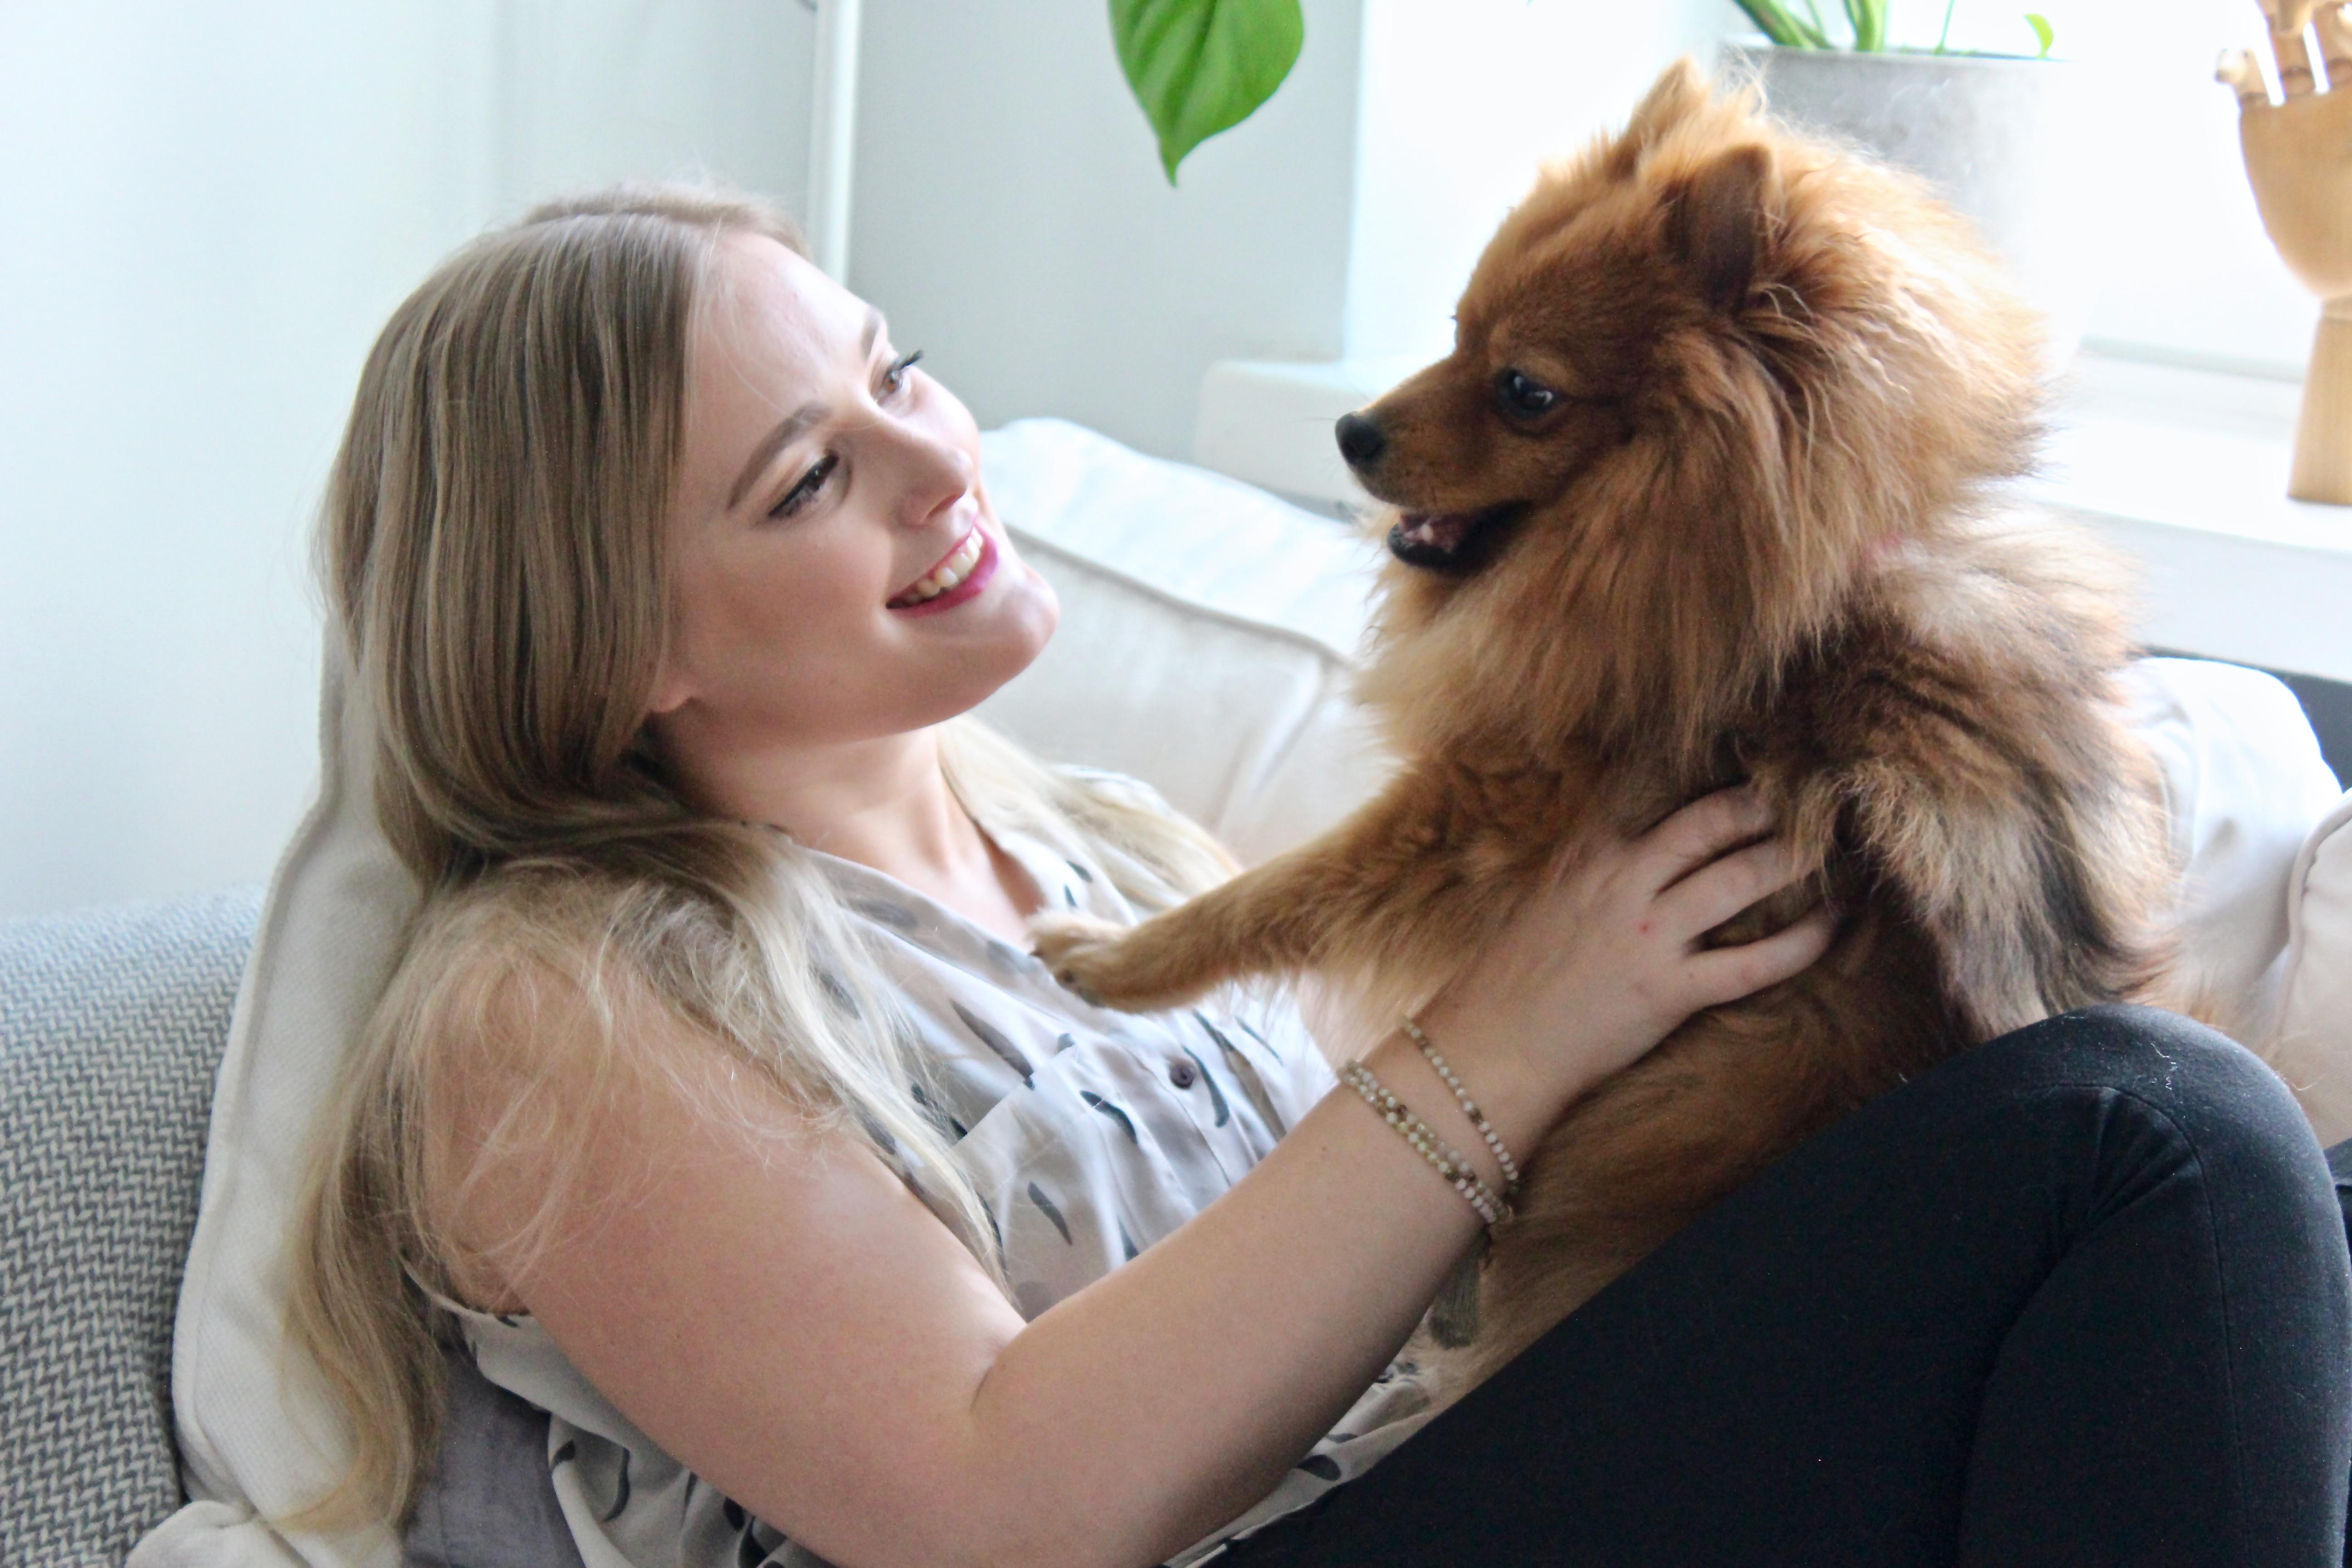 Kolme vuotta koiranomistajana